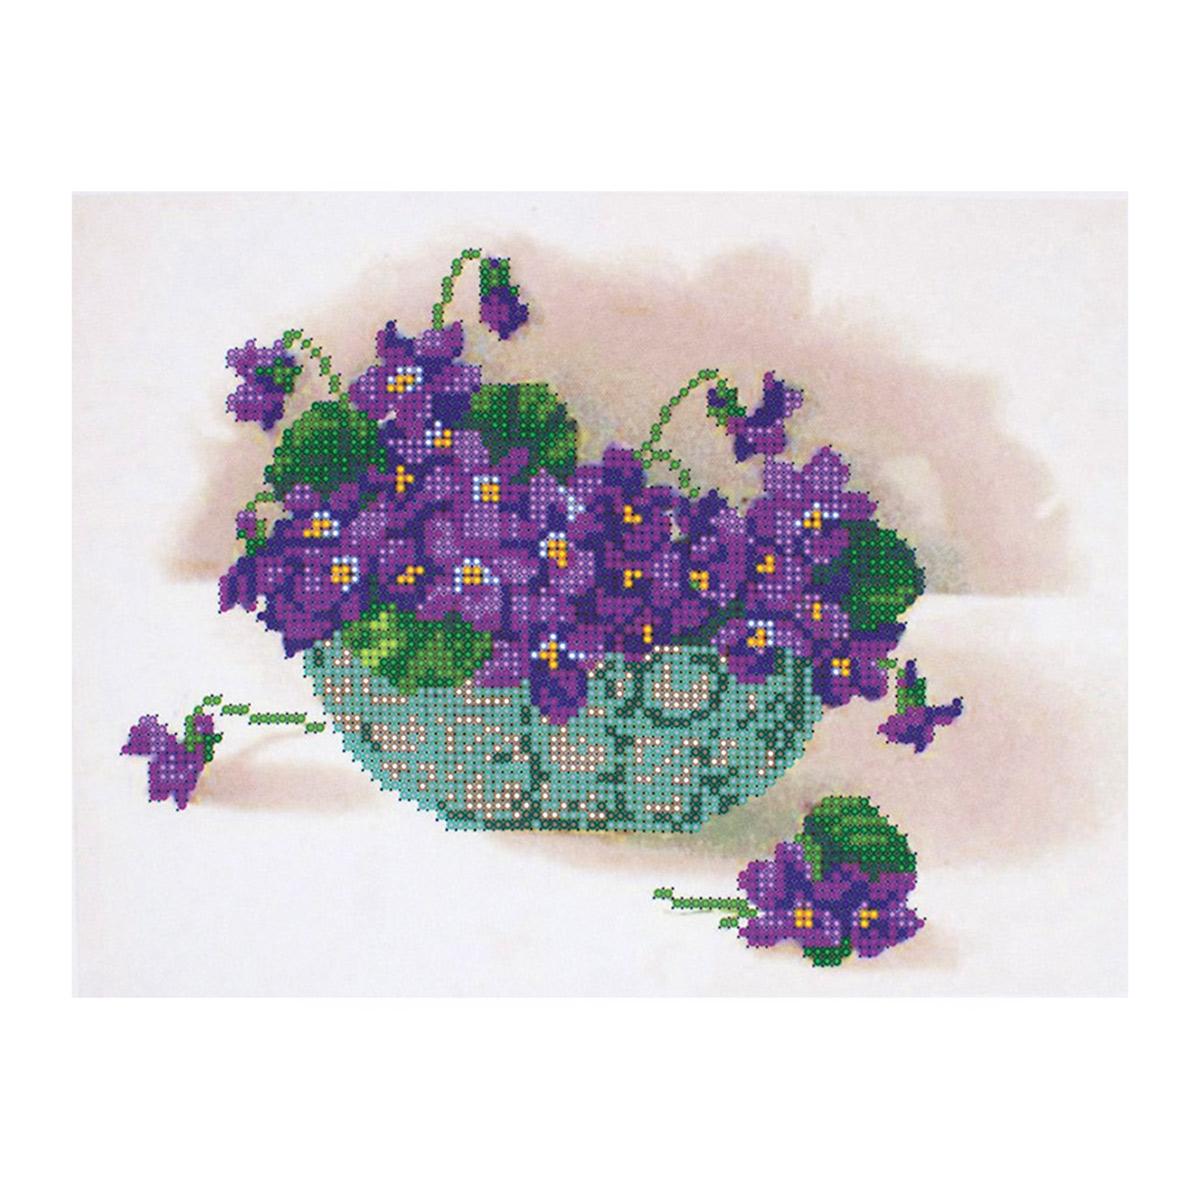 НР-3035 Канва с рисунком для вышивания бисером 'Фиалки' Hobby&Pro 25*22см